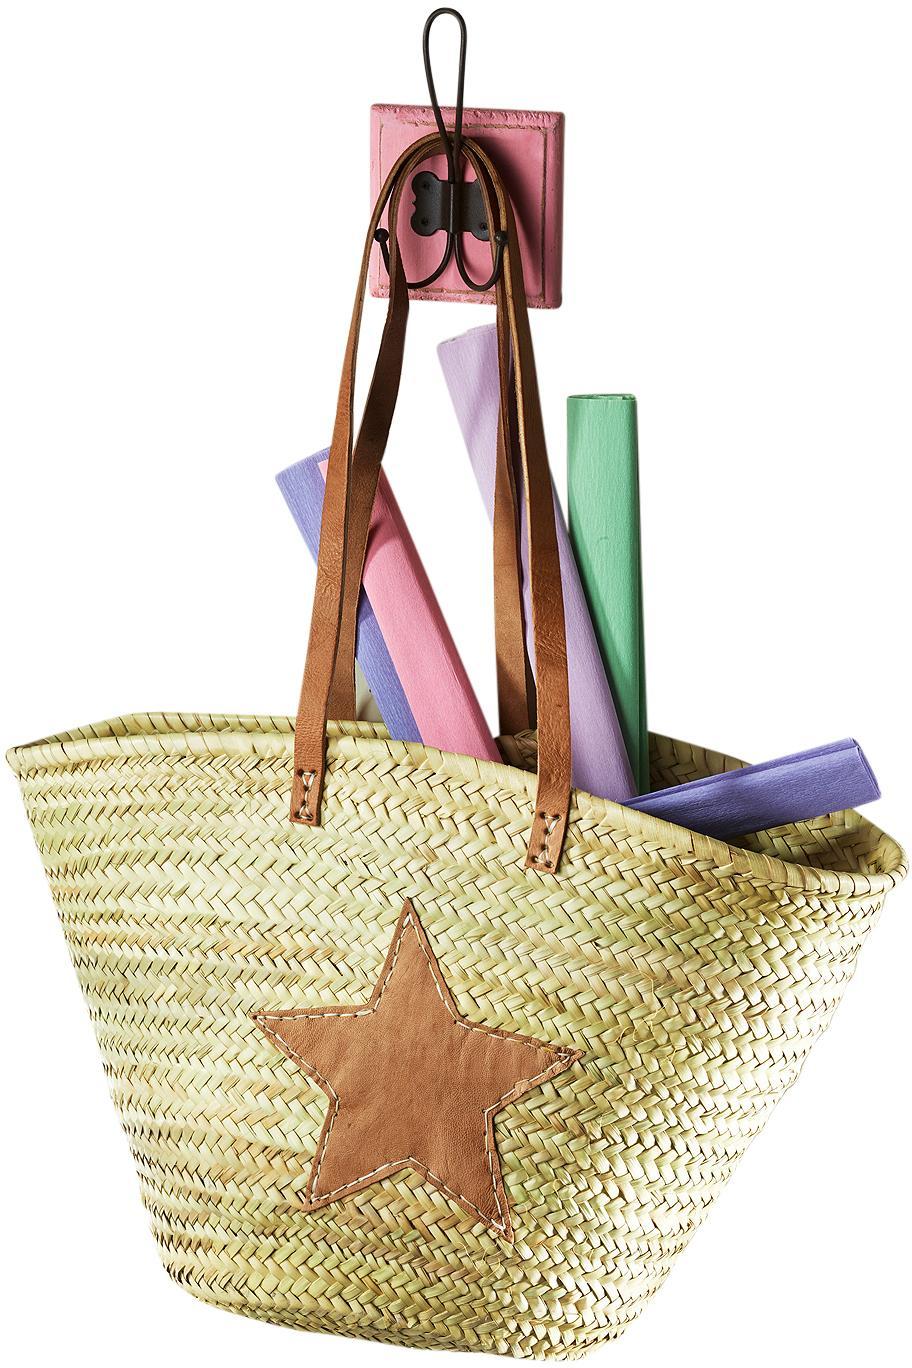 Home affaire Ibizatasche aus Palmblatt mit Echt-Lederhenkeln und Sterndeko aus Leder   Bekleidung > Bademode > Bademäntel   Bunt   HOME AFFAIRE